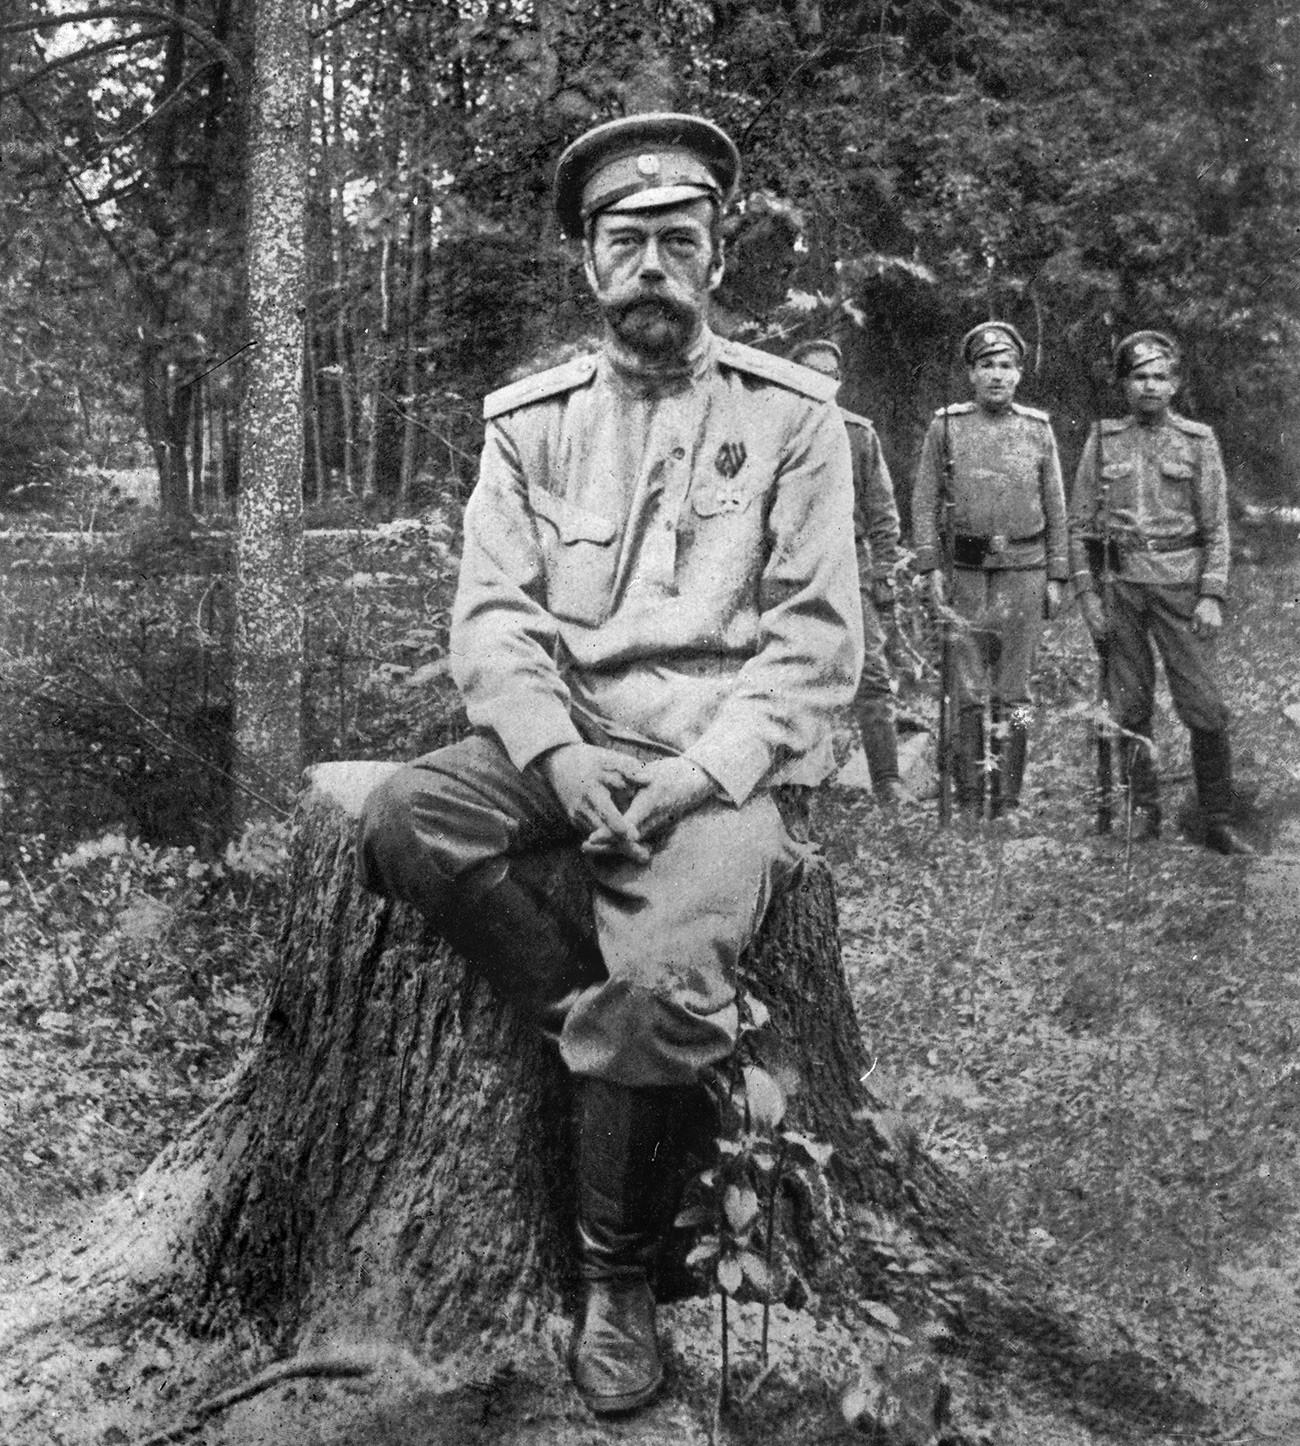 Император Николай II после своего отречения. Царское Село, весна-лето 1917.